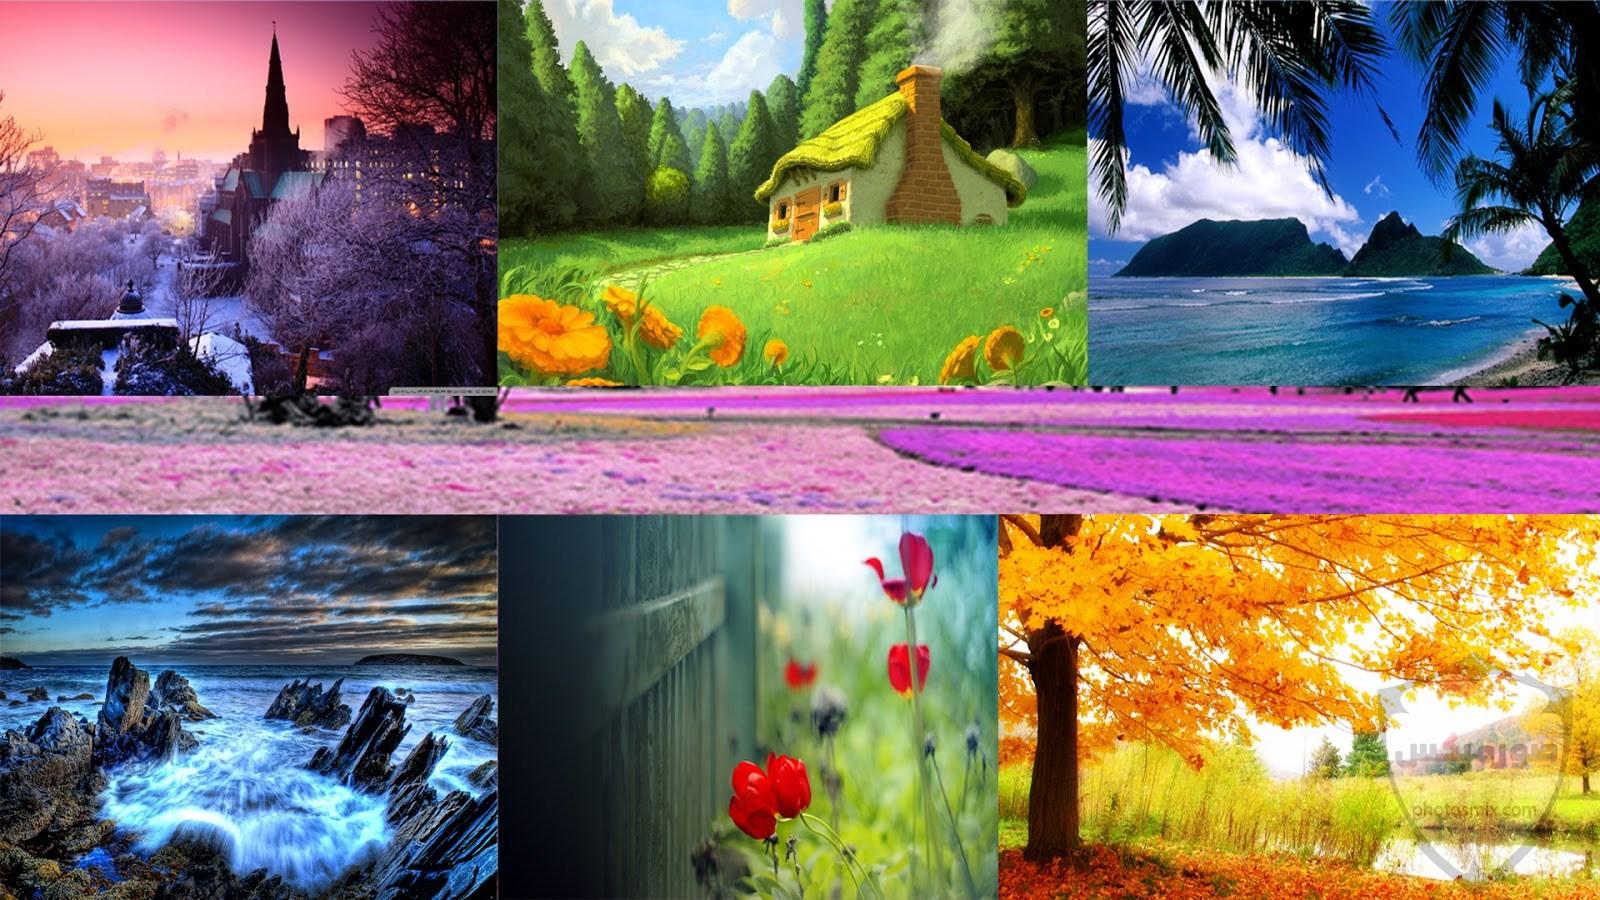 صور الطبيعة بأحلي صور مناضر طبيعية 4